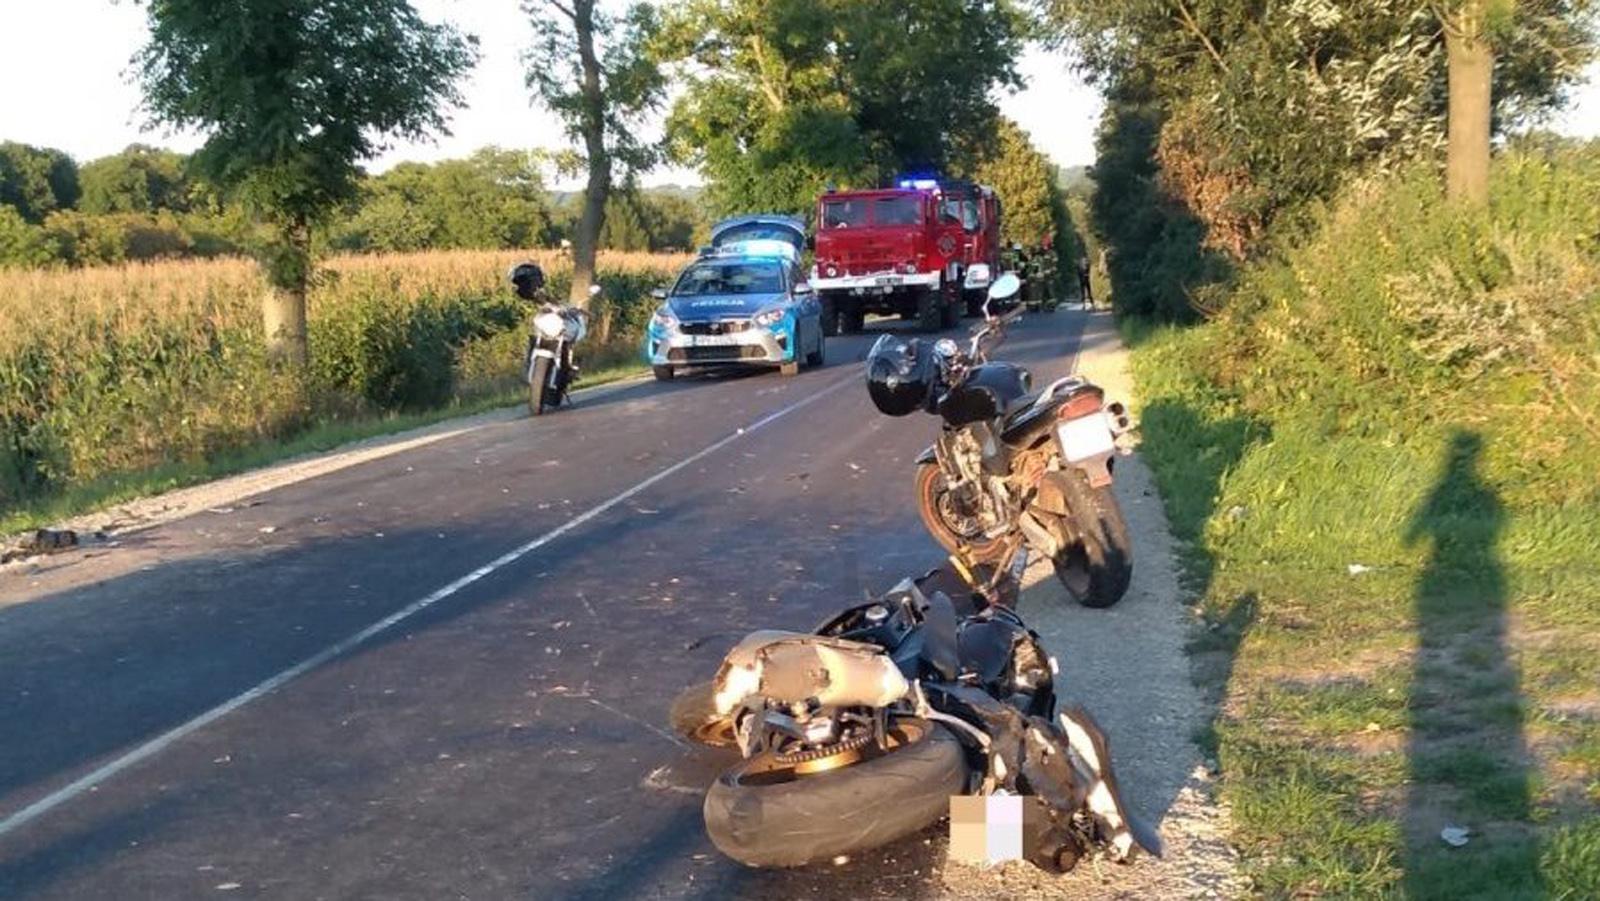 PODKARPACIE: Motocyklista uderzył w przyczepę. Nie przeżył - Zdjęcie główne